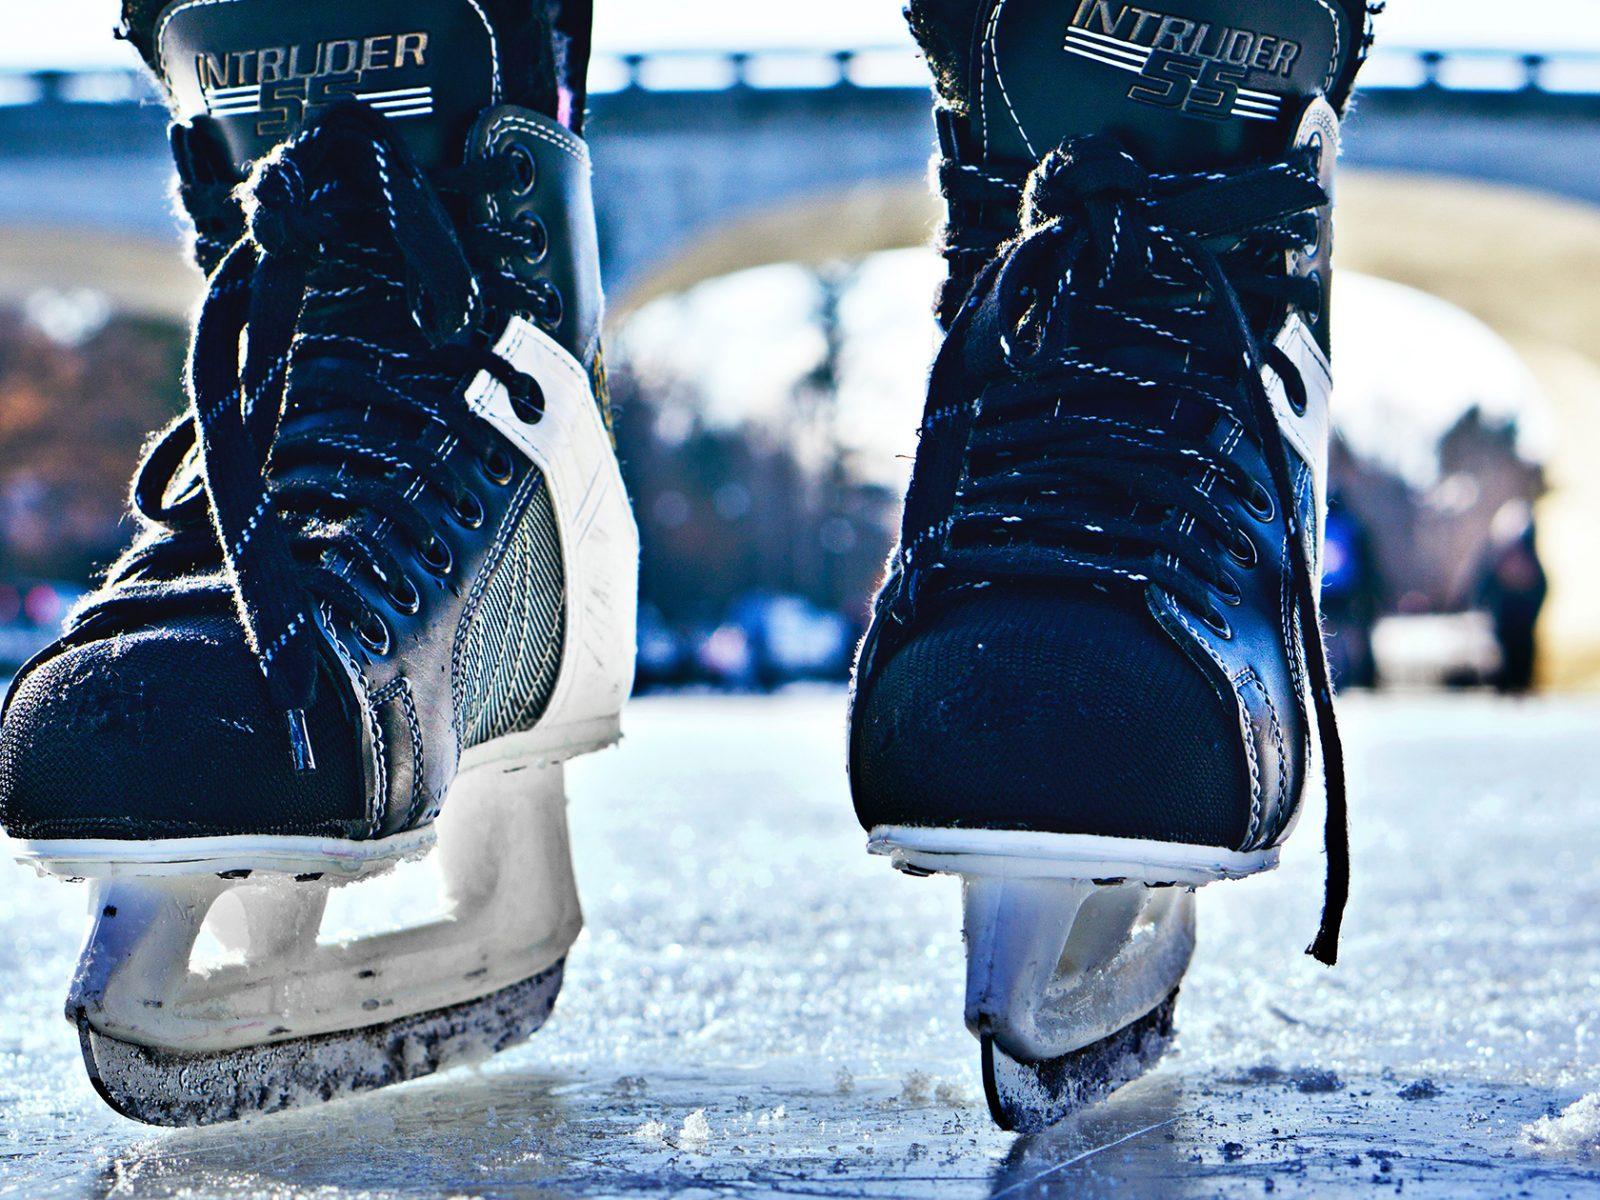 19-skates